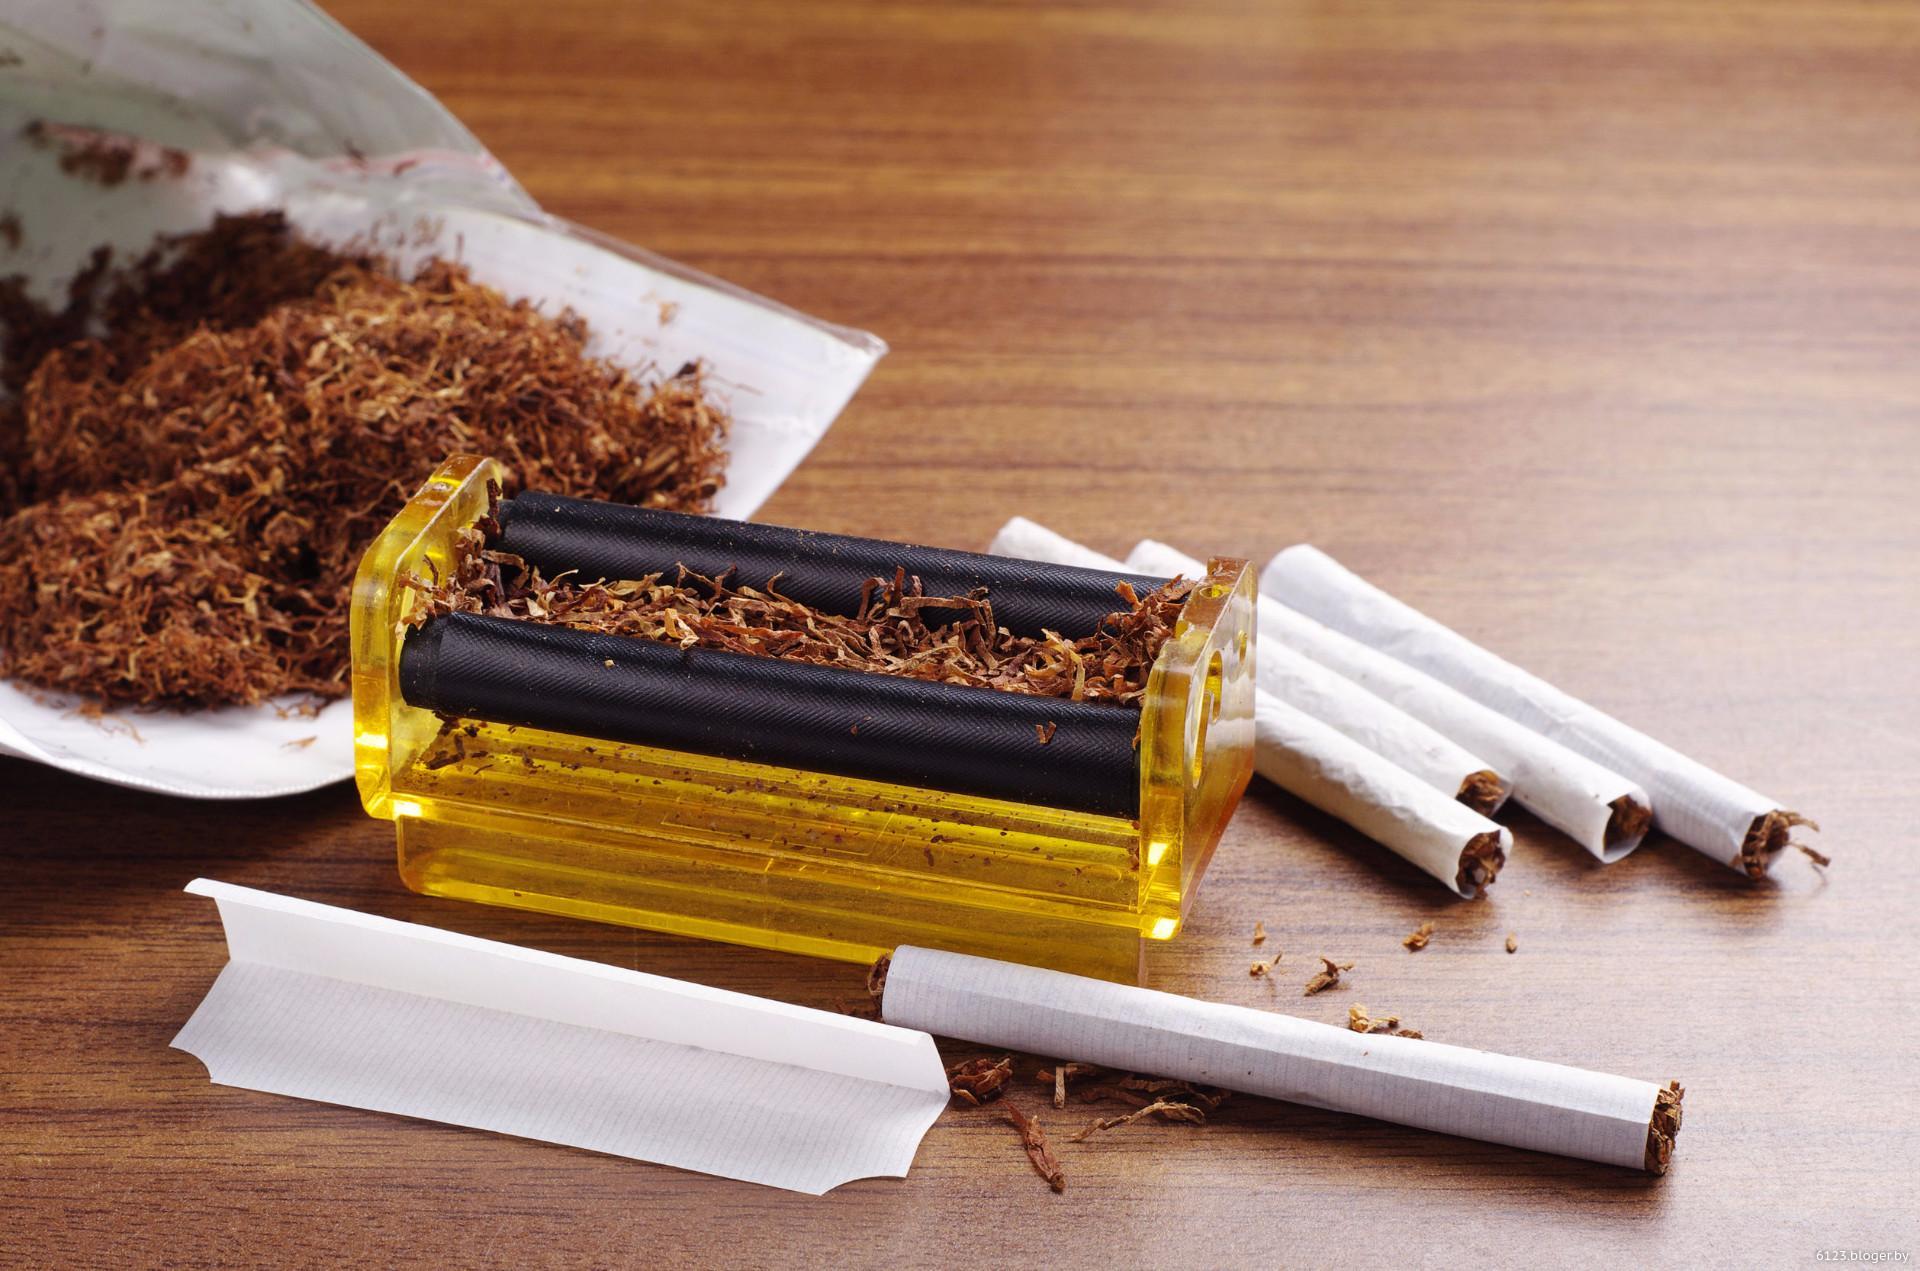 Любители самокруток не захотели бросать курить